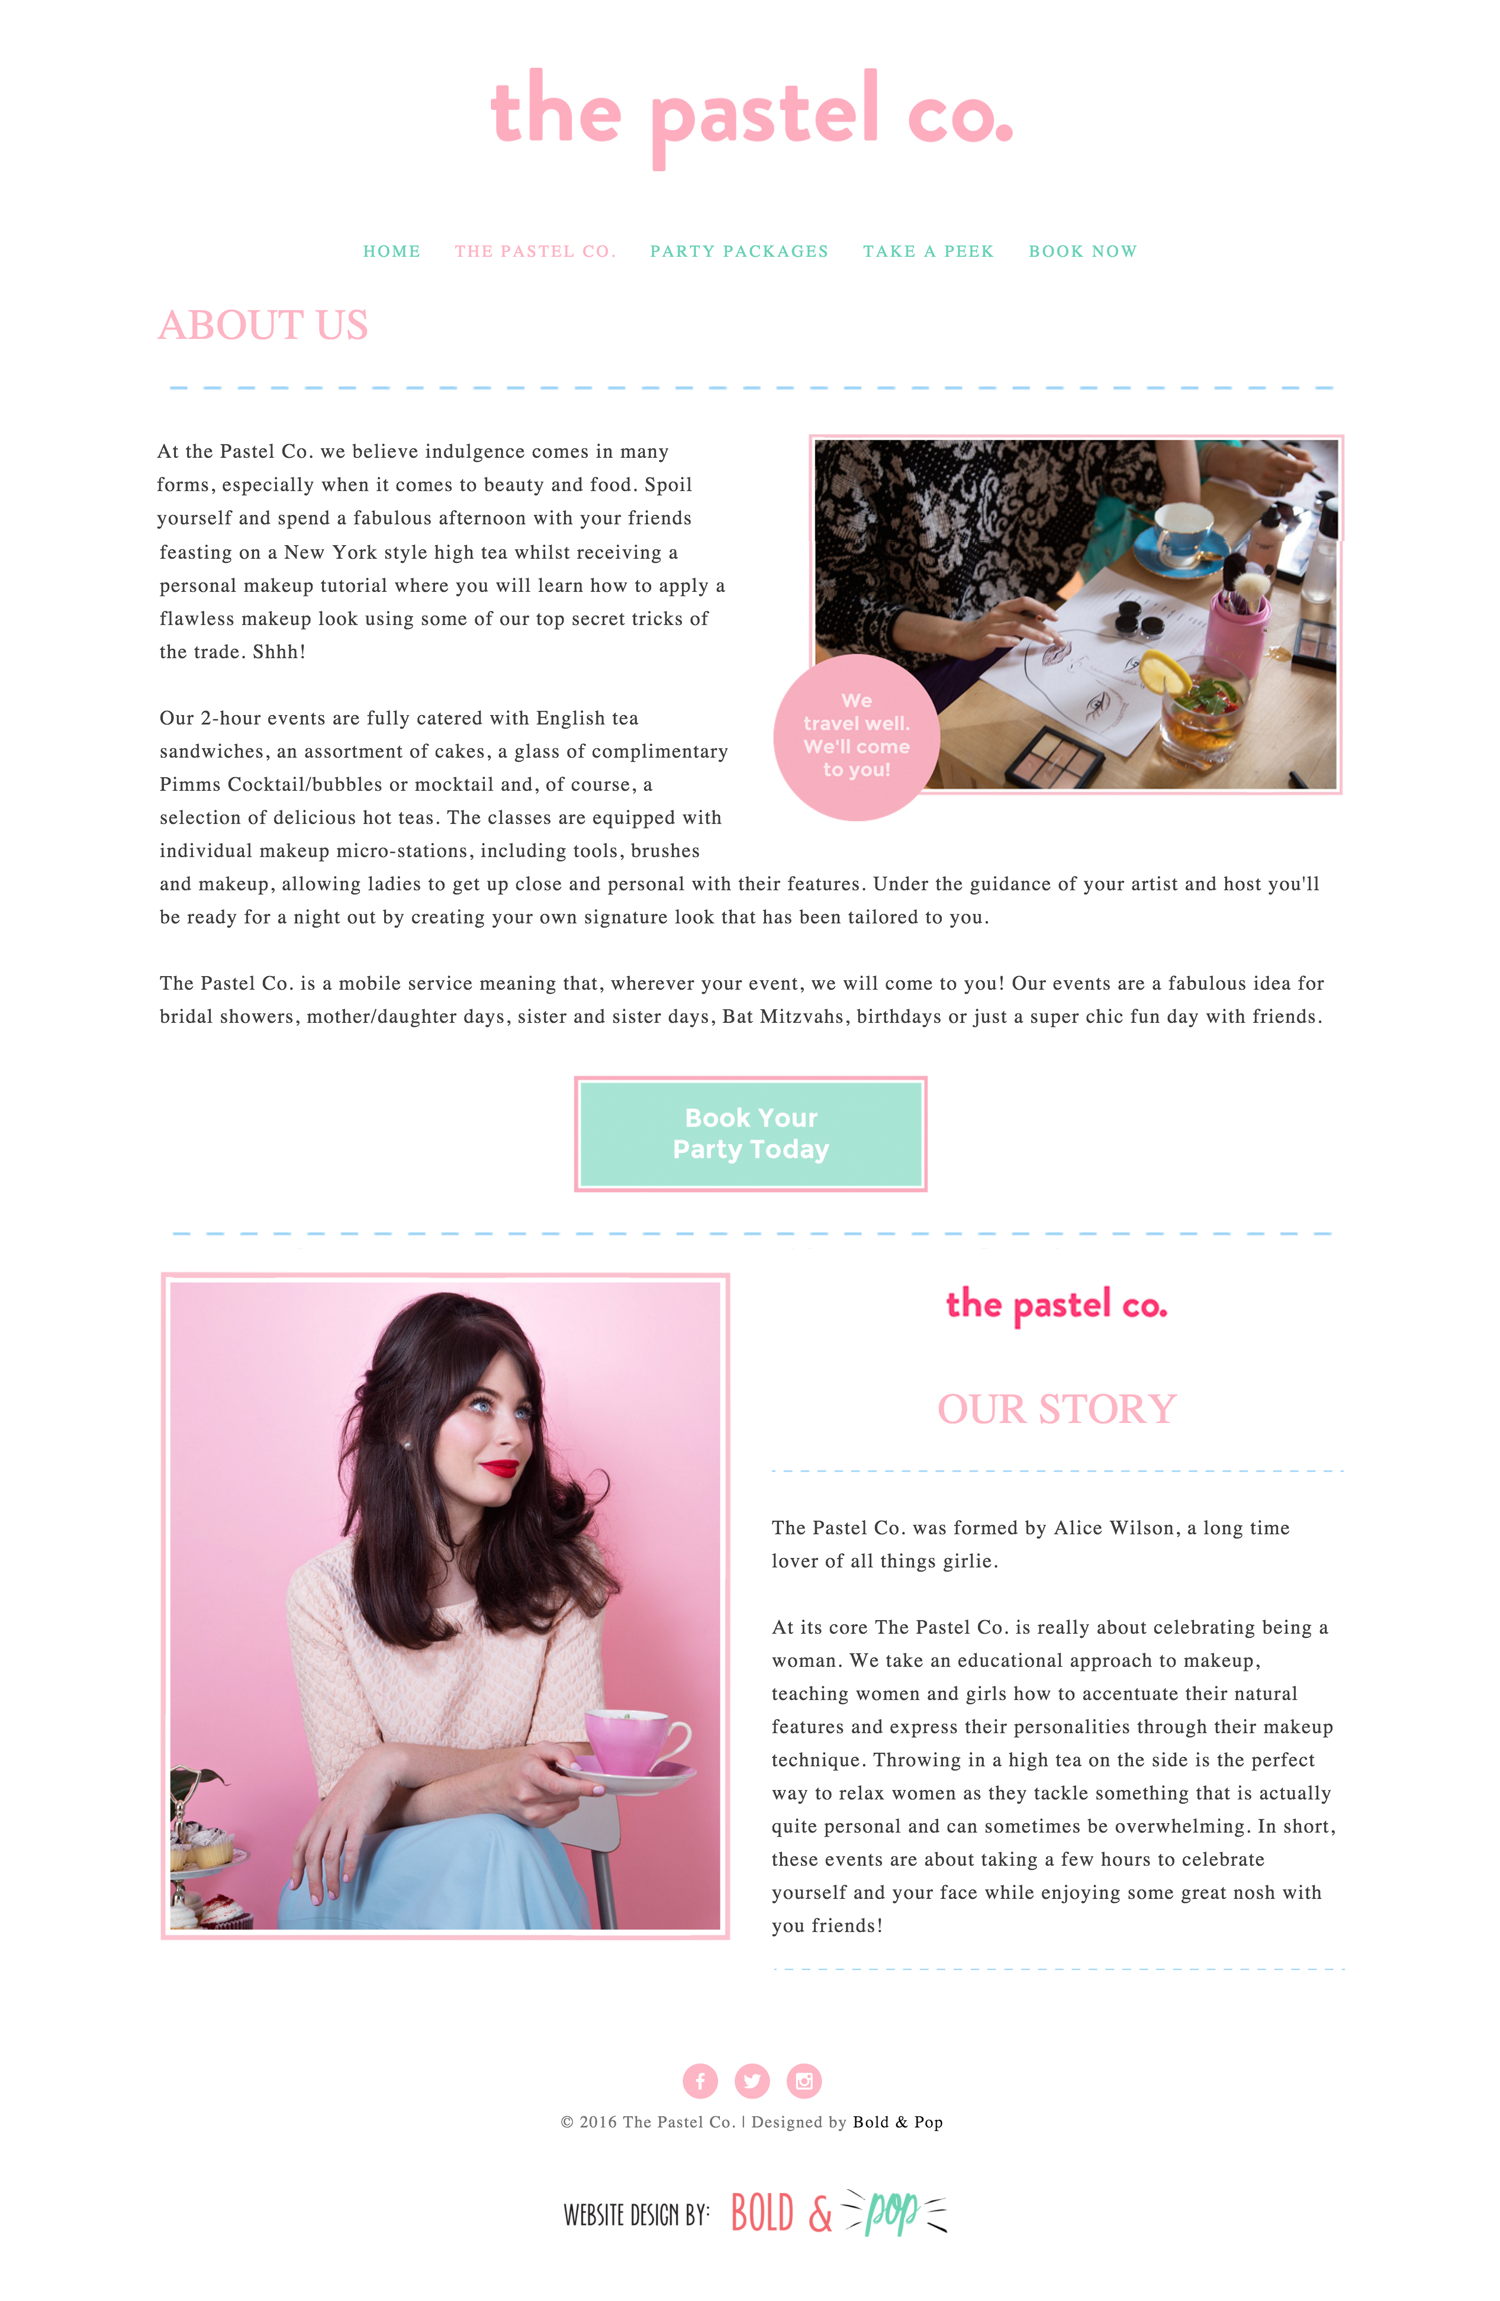 The Pastel Co Website Design Website Designs And Website